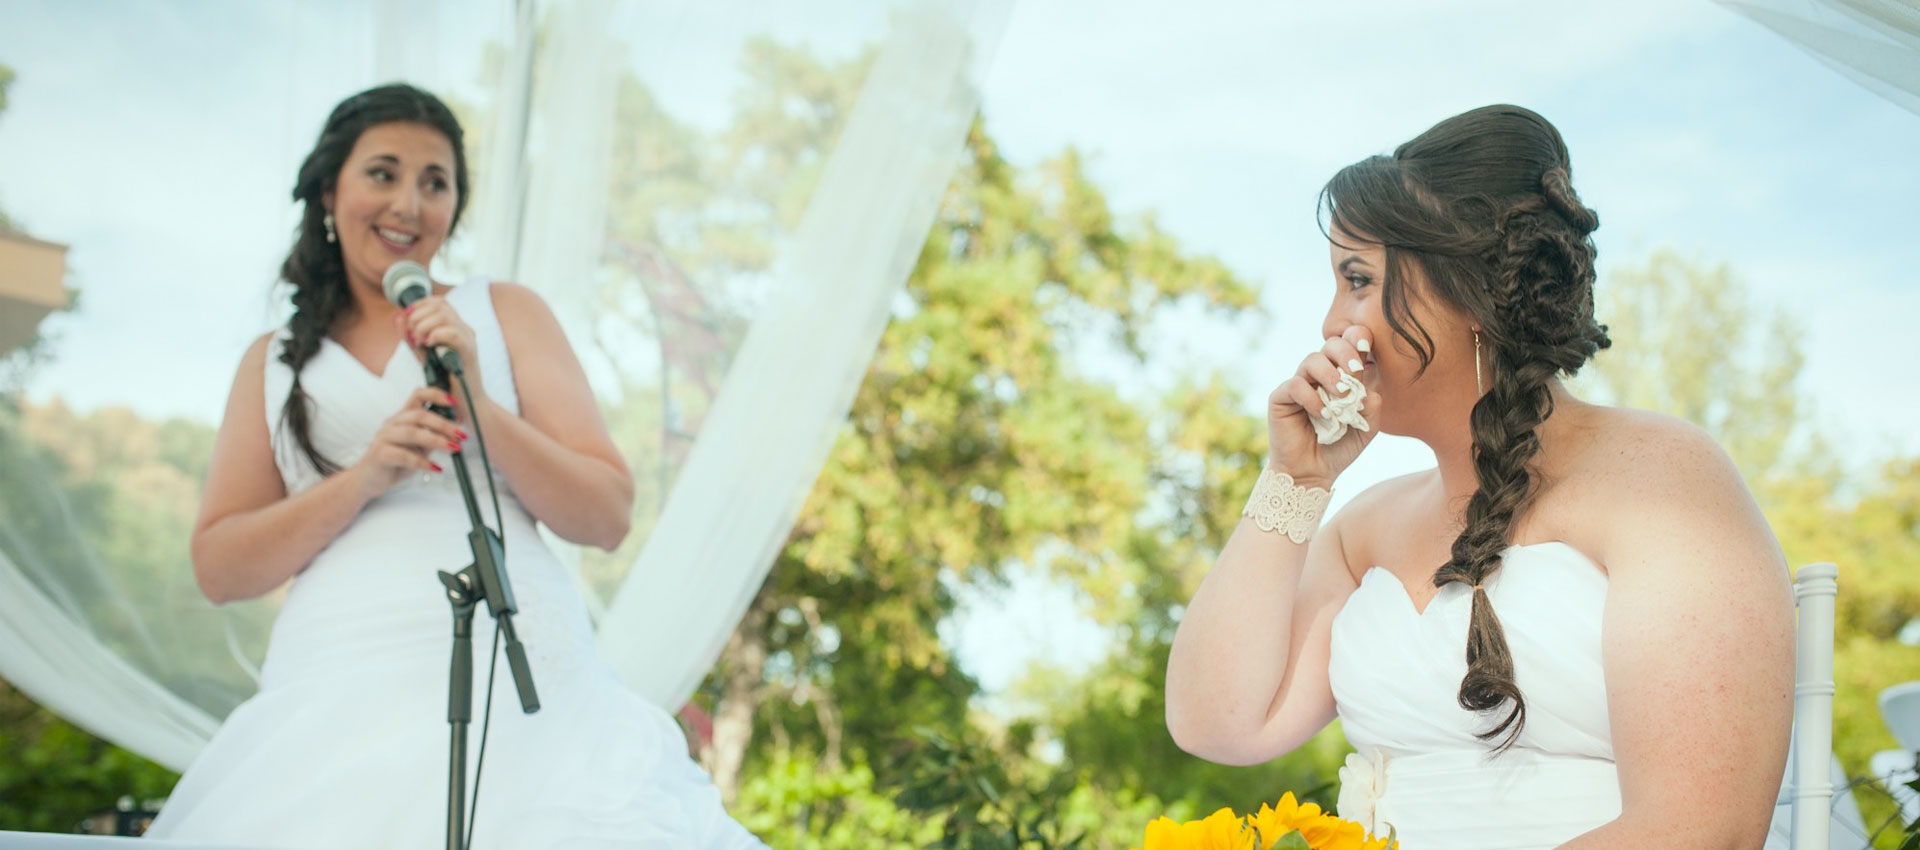 rebeca-2 Micro Loco - video boda cadiz